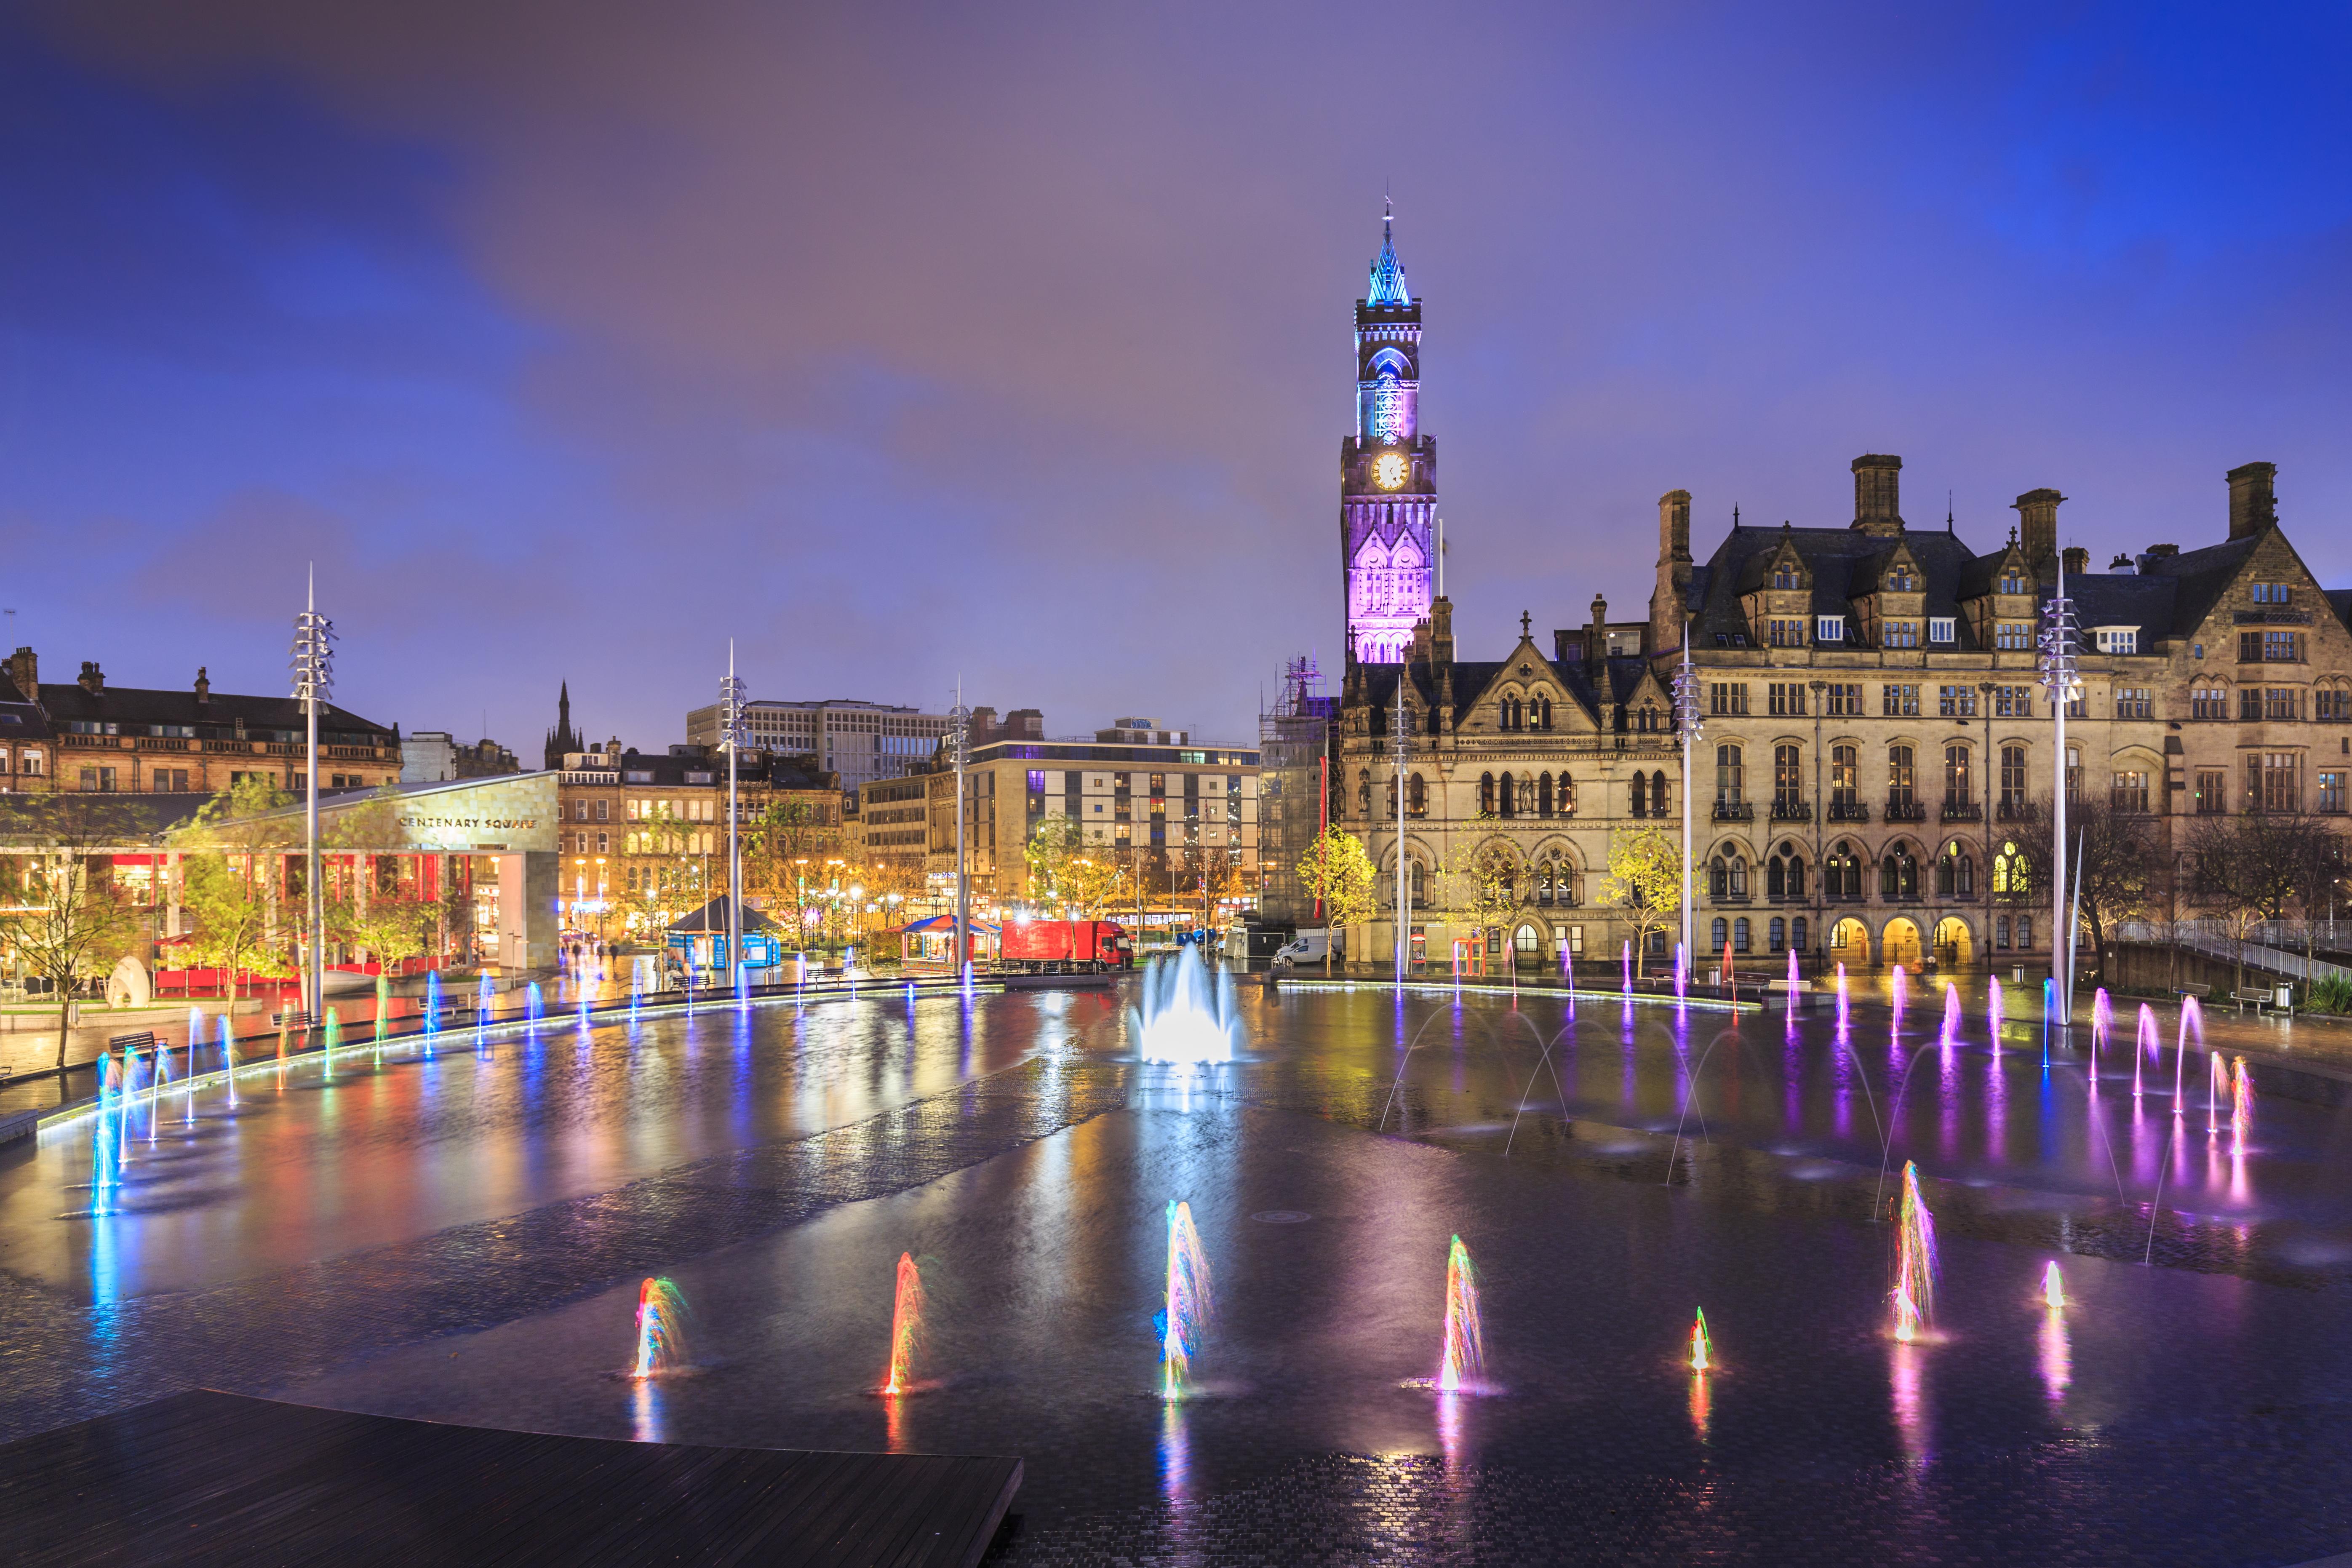 Bradford City Park at night